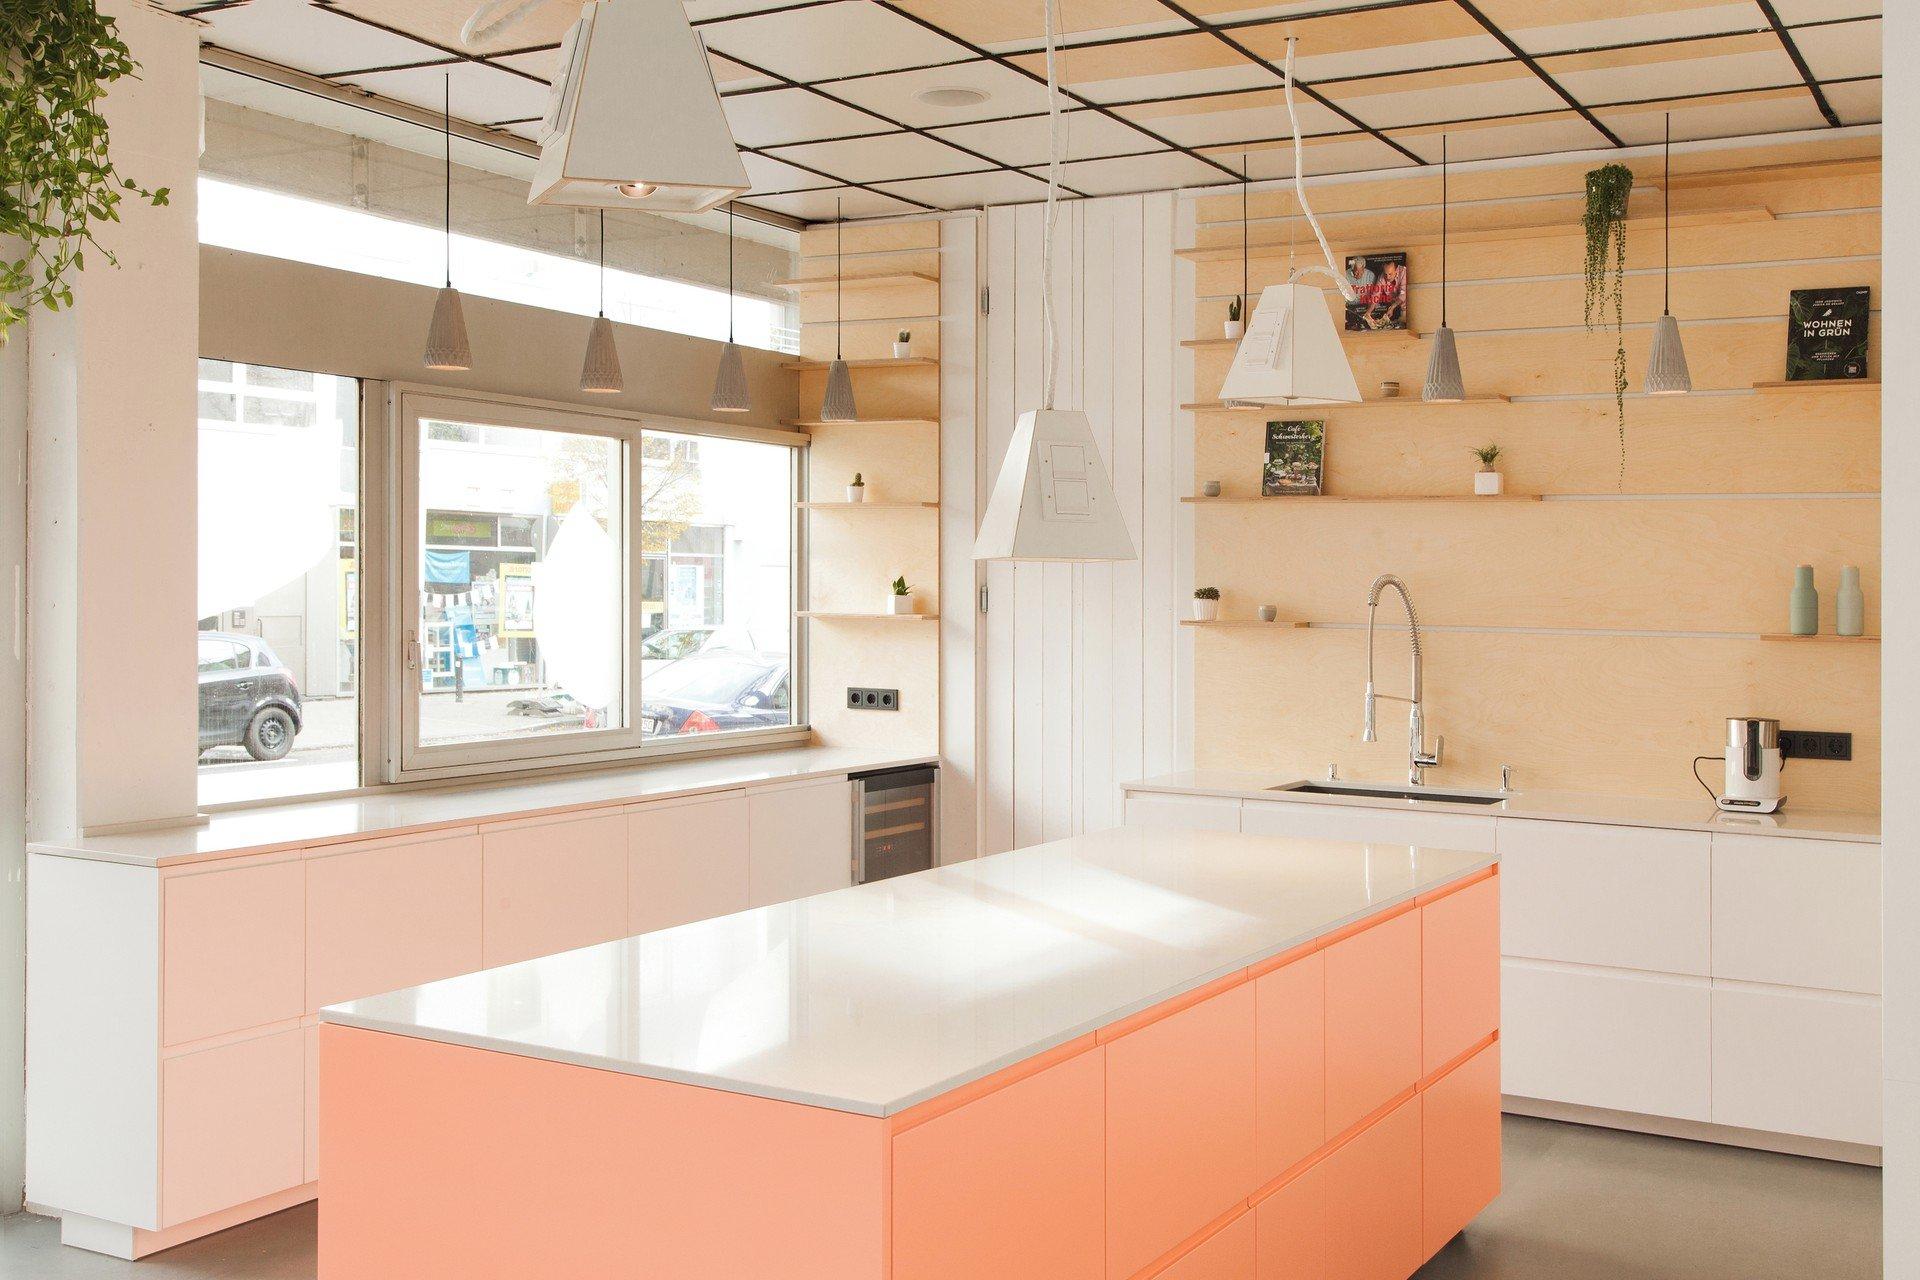 Frankfurt  Private residence für Freunde Kochatelier, Mietküche und Eventlocation in Mainz image 0